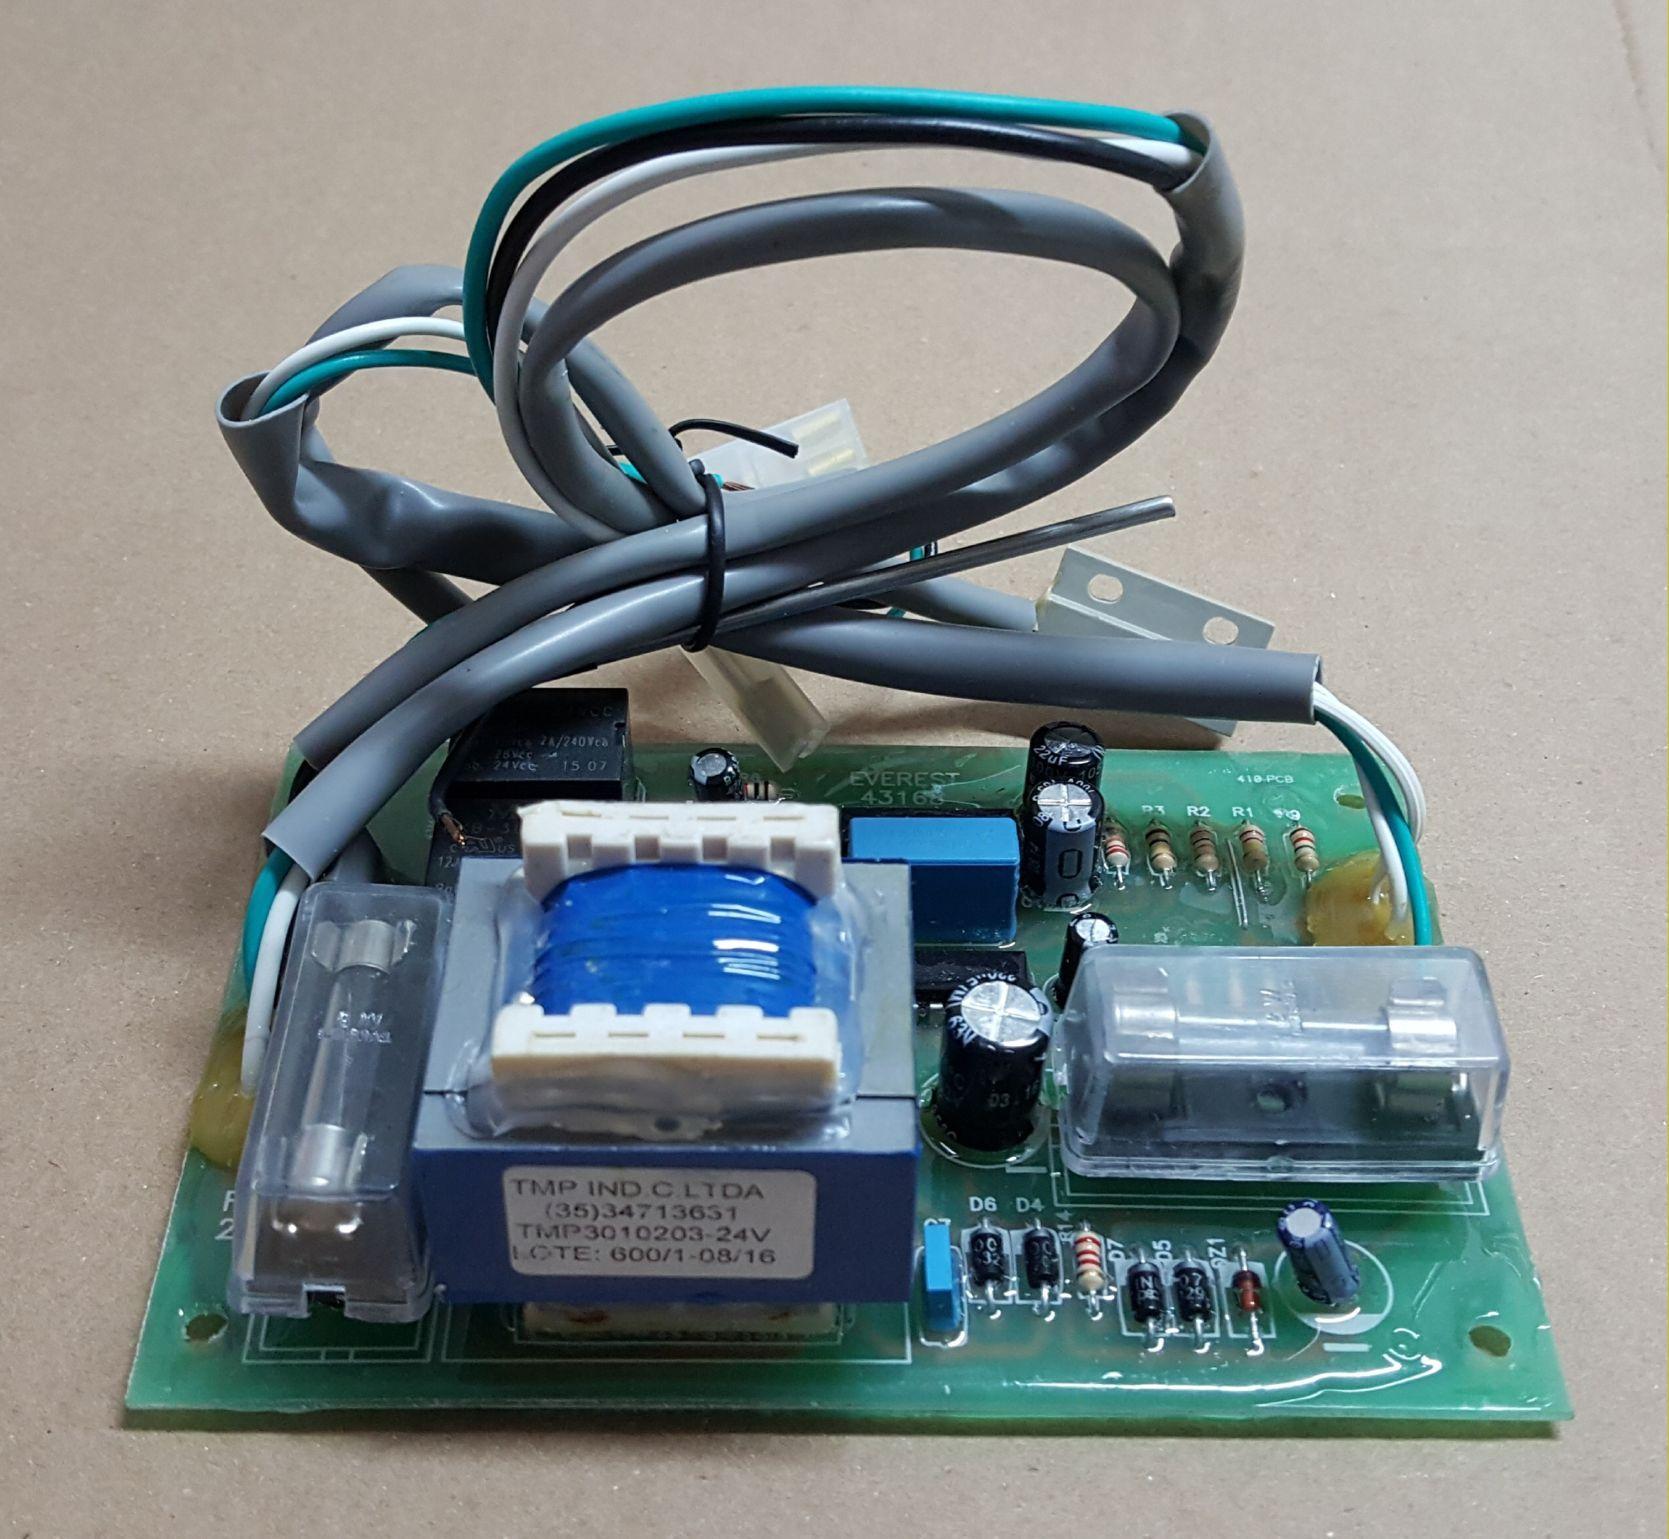 Circuito Eletronico : Placa circuito eletrônico para máquina de gelo egc